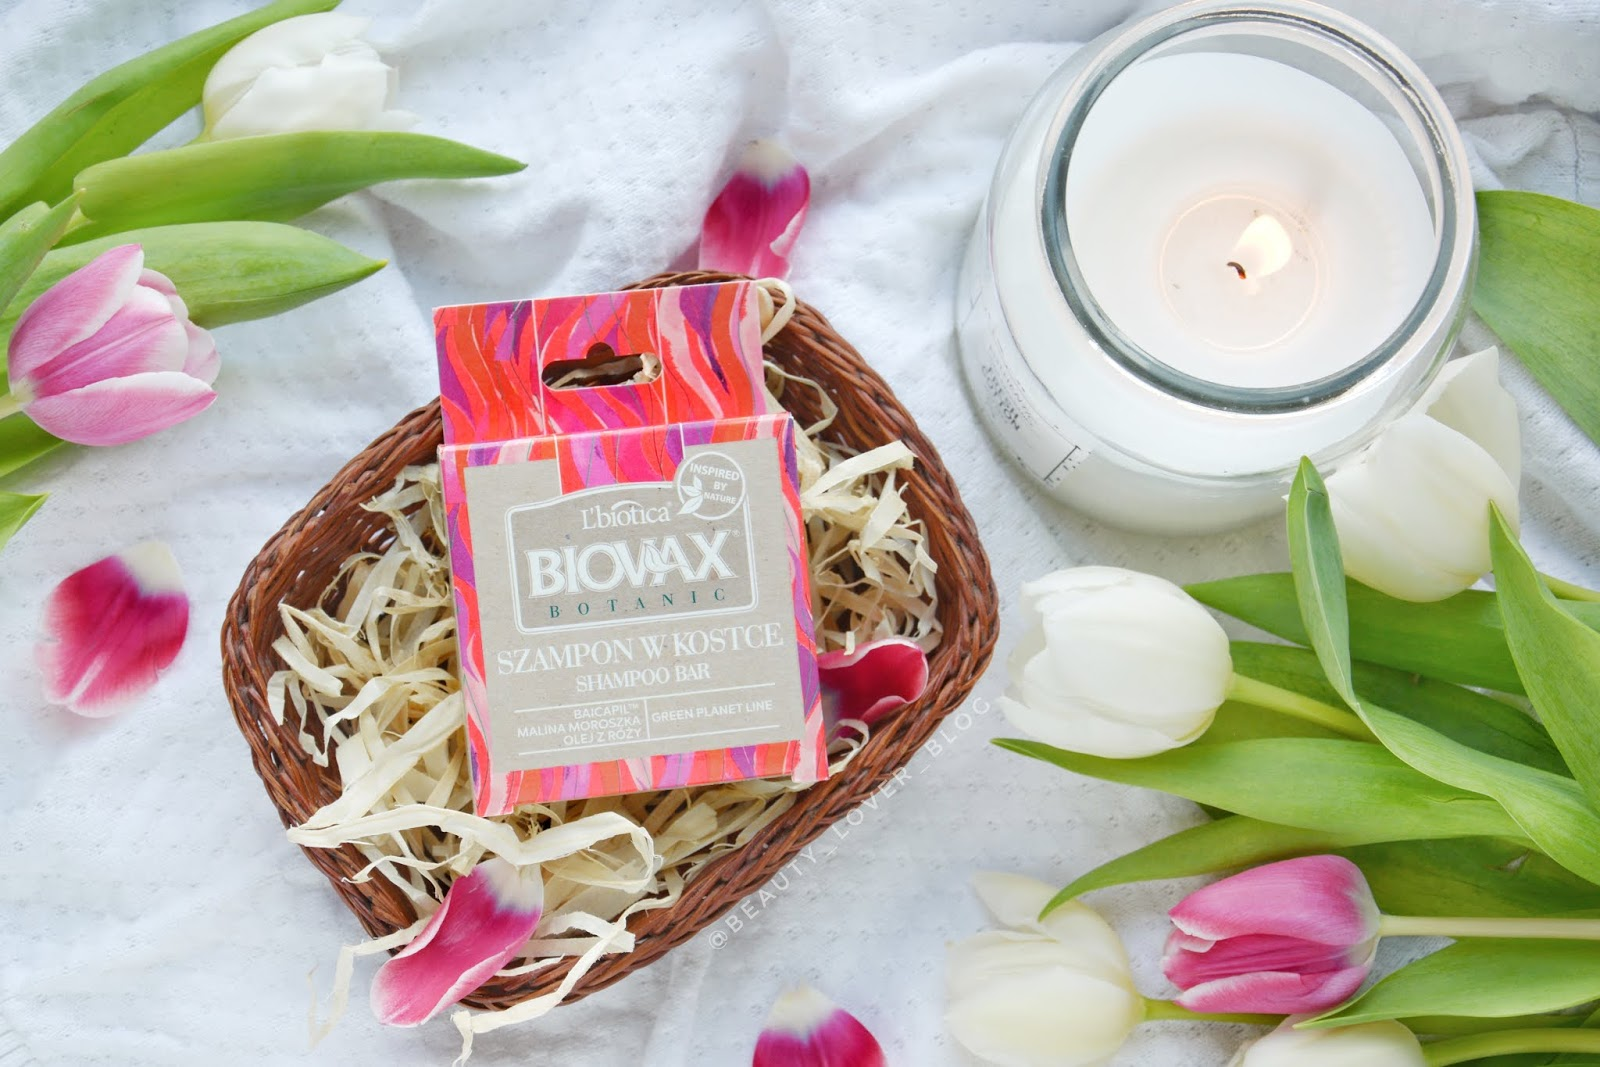 L'biotica Biovax- szampon w kostce malina moroszka & olej z róży- skład i recenzja